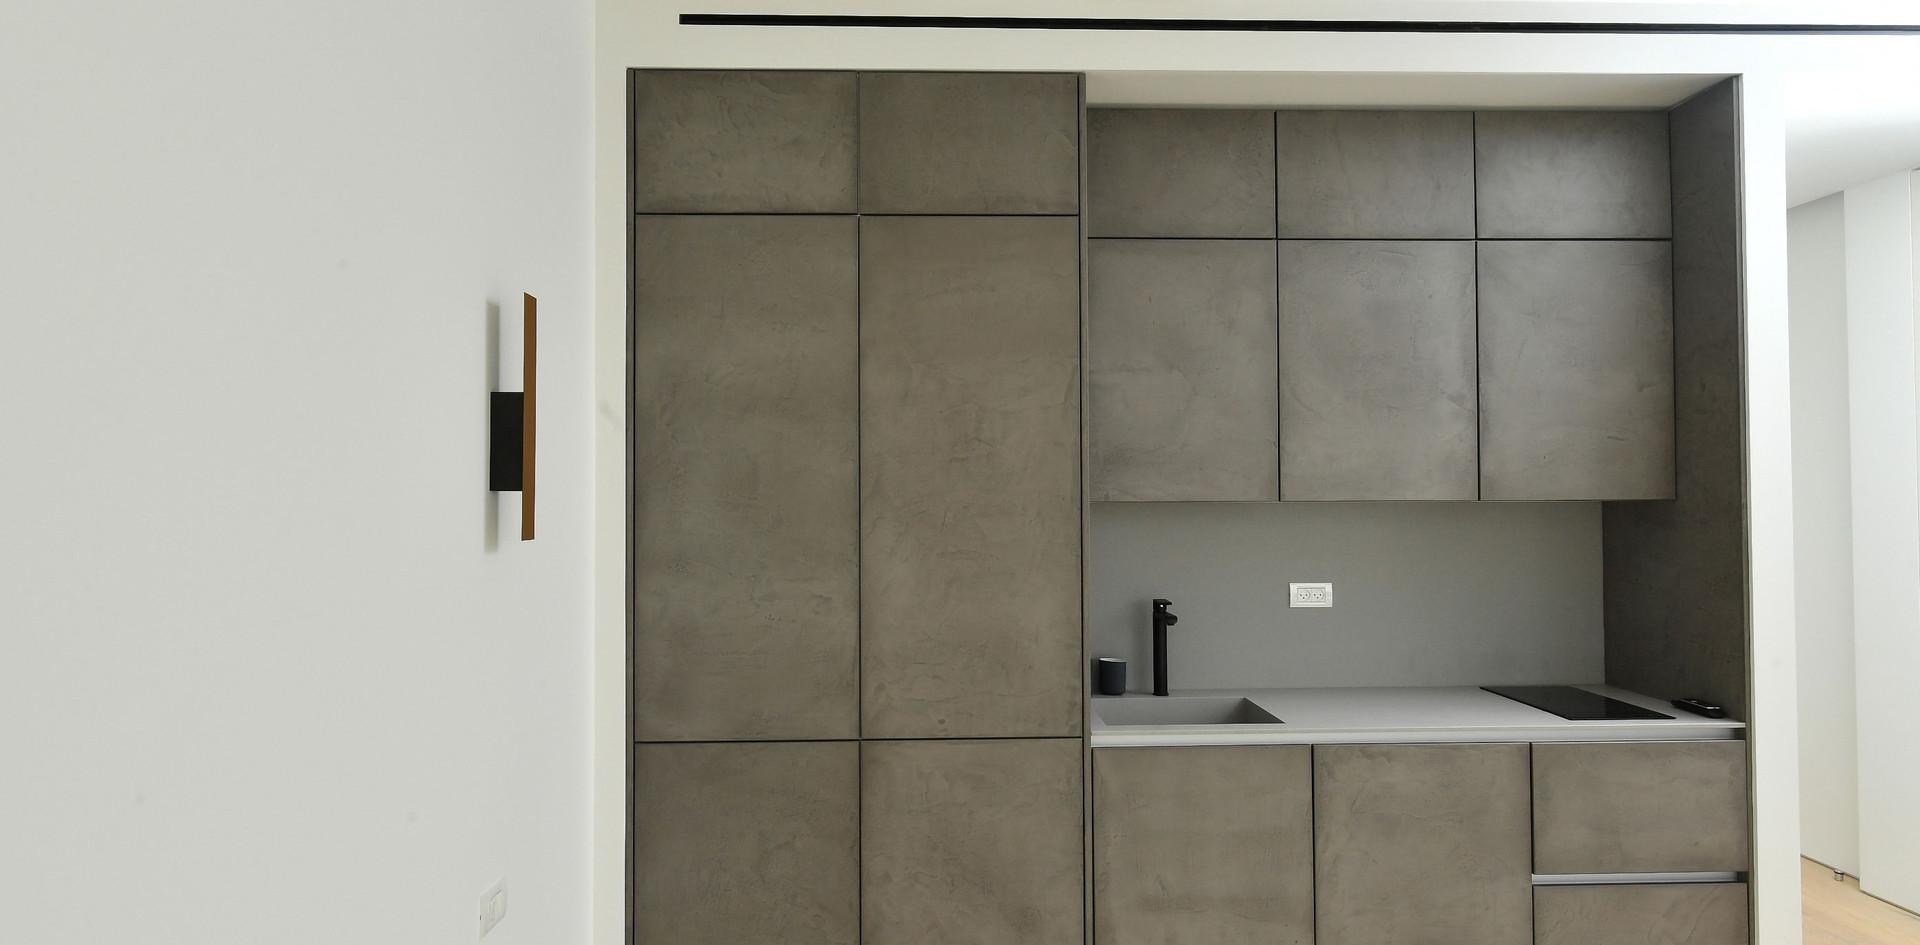 Meier Towe, living space